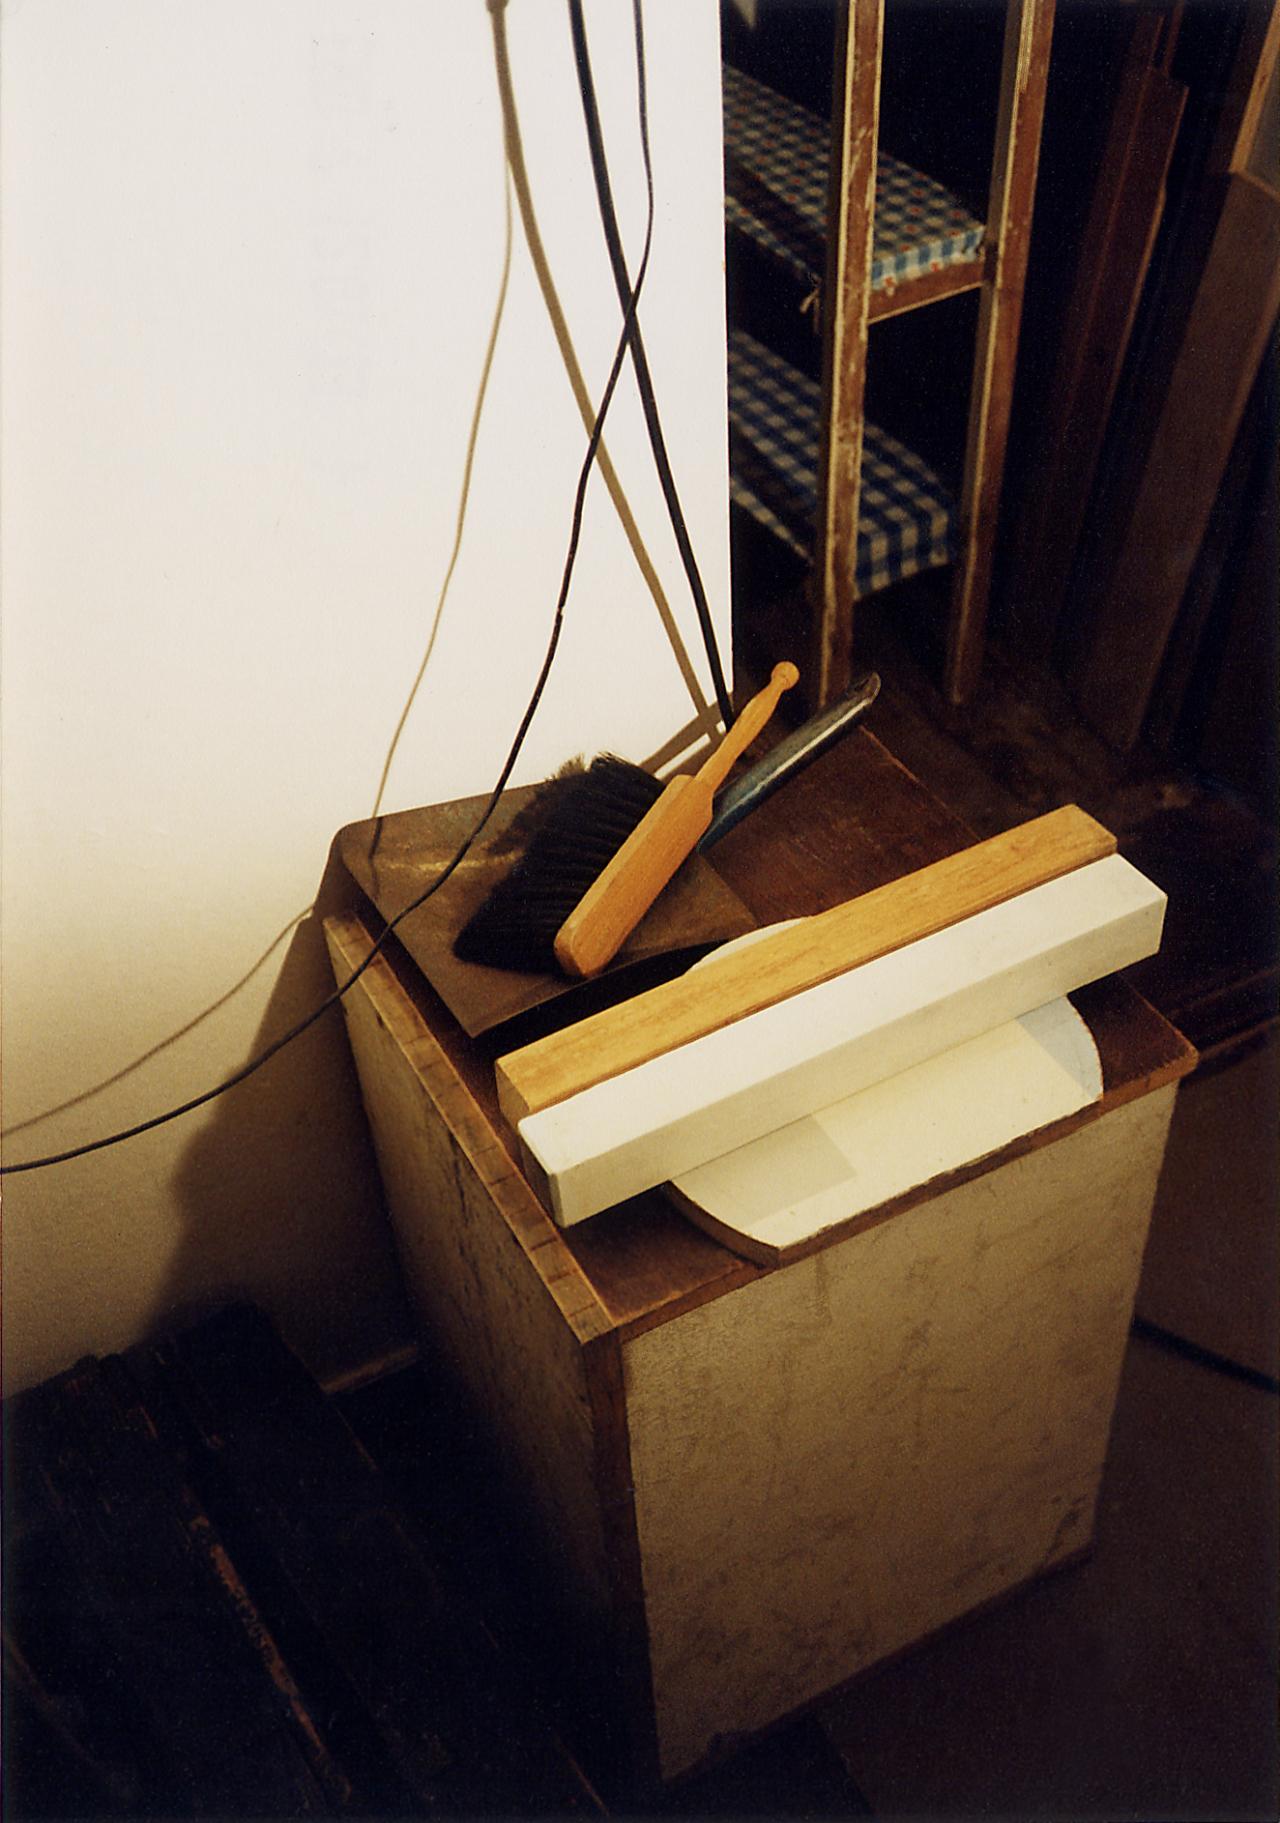 laboratorium haus 1 Heiko Wennesz fotografie2-keller